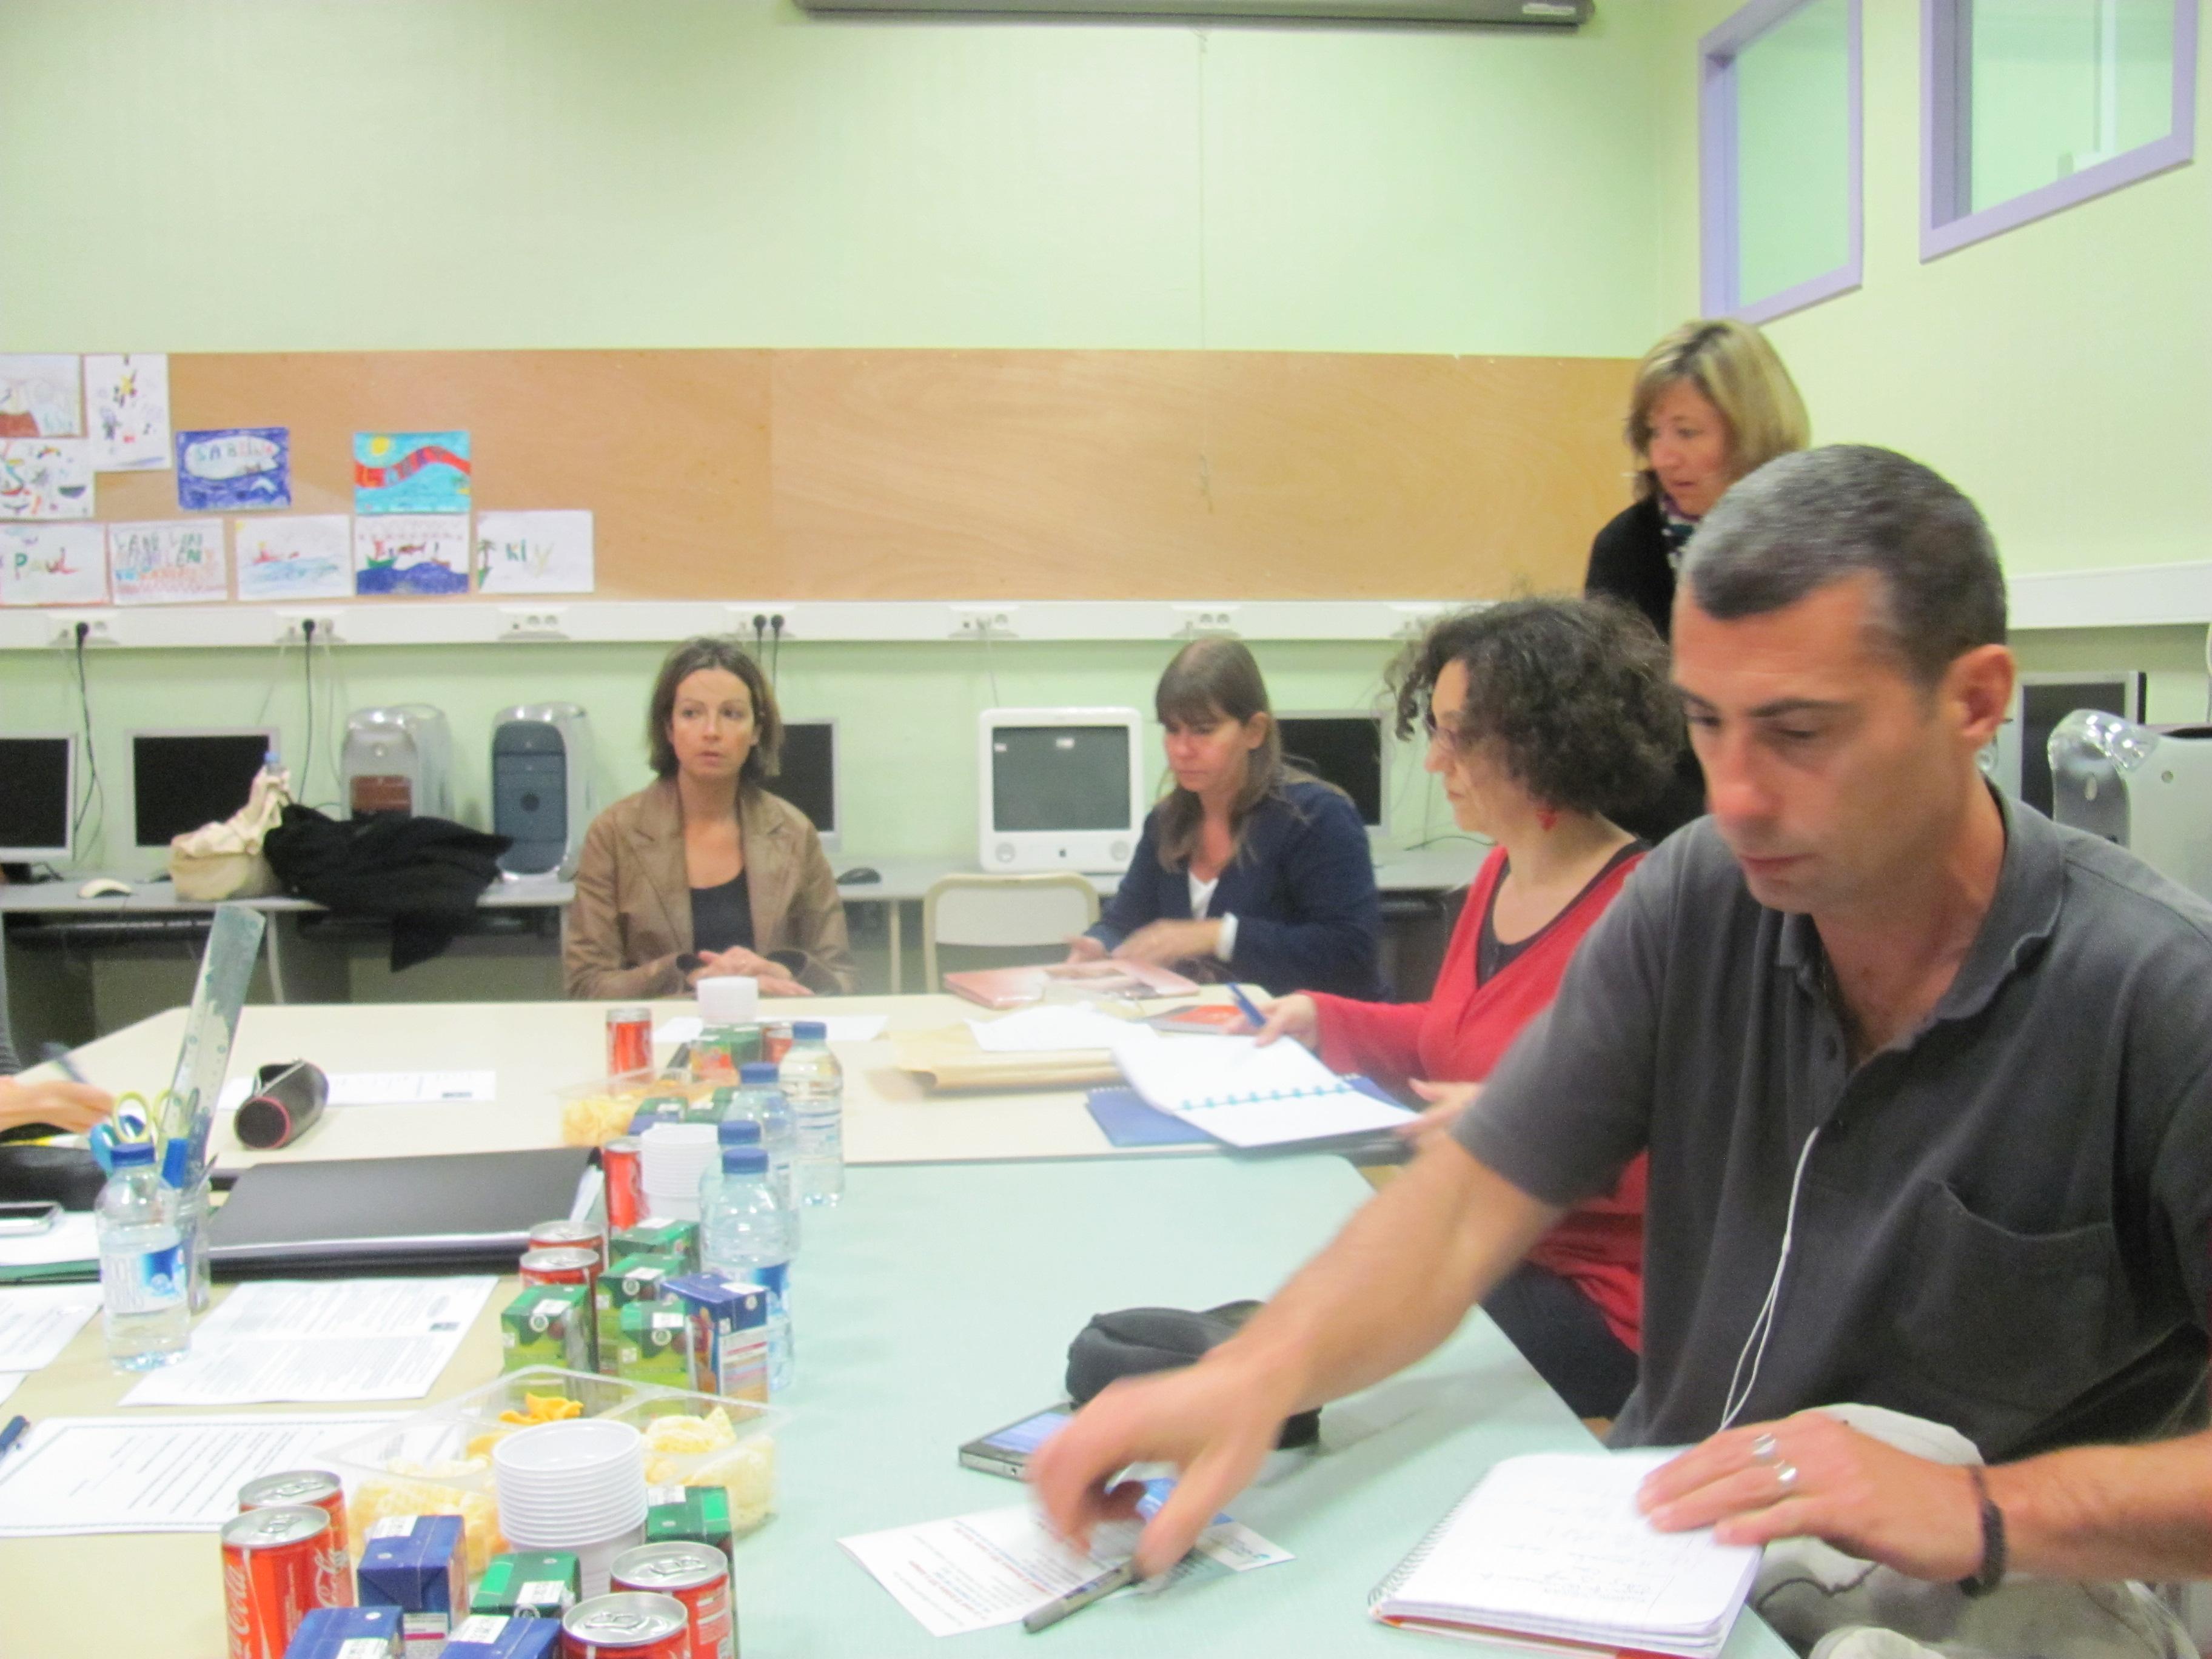 Ecole Ecole Candole : Cours de natation et Sécurité au menu du conseil d'administration !